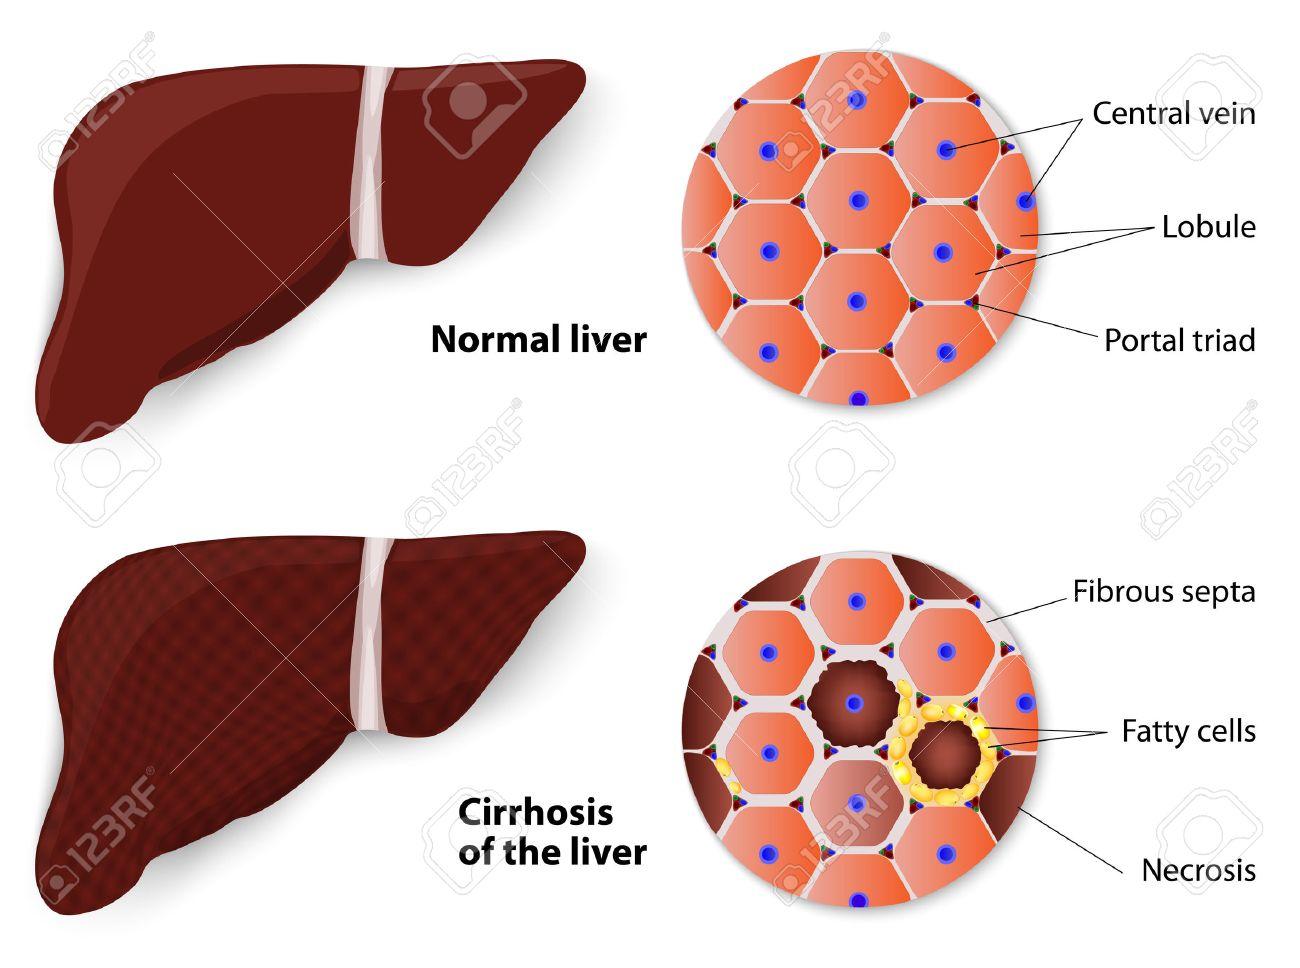 La Cirrosis Del Hígado Y Estructura Del Hígado Normal Del Diagrama ...